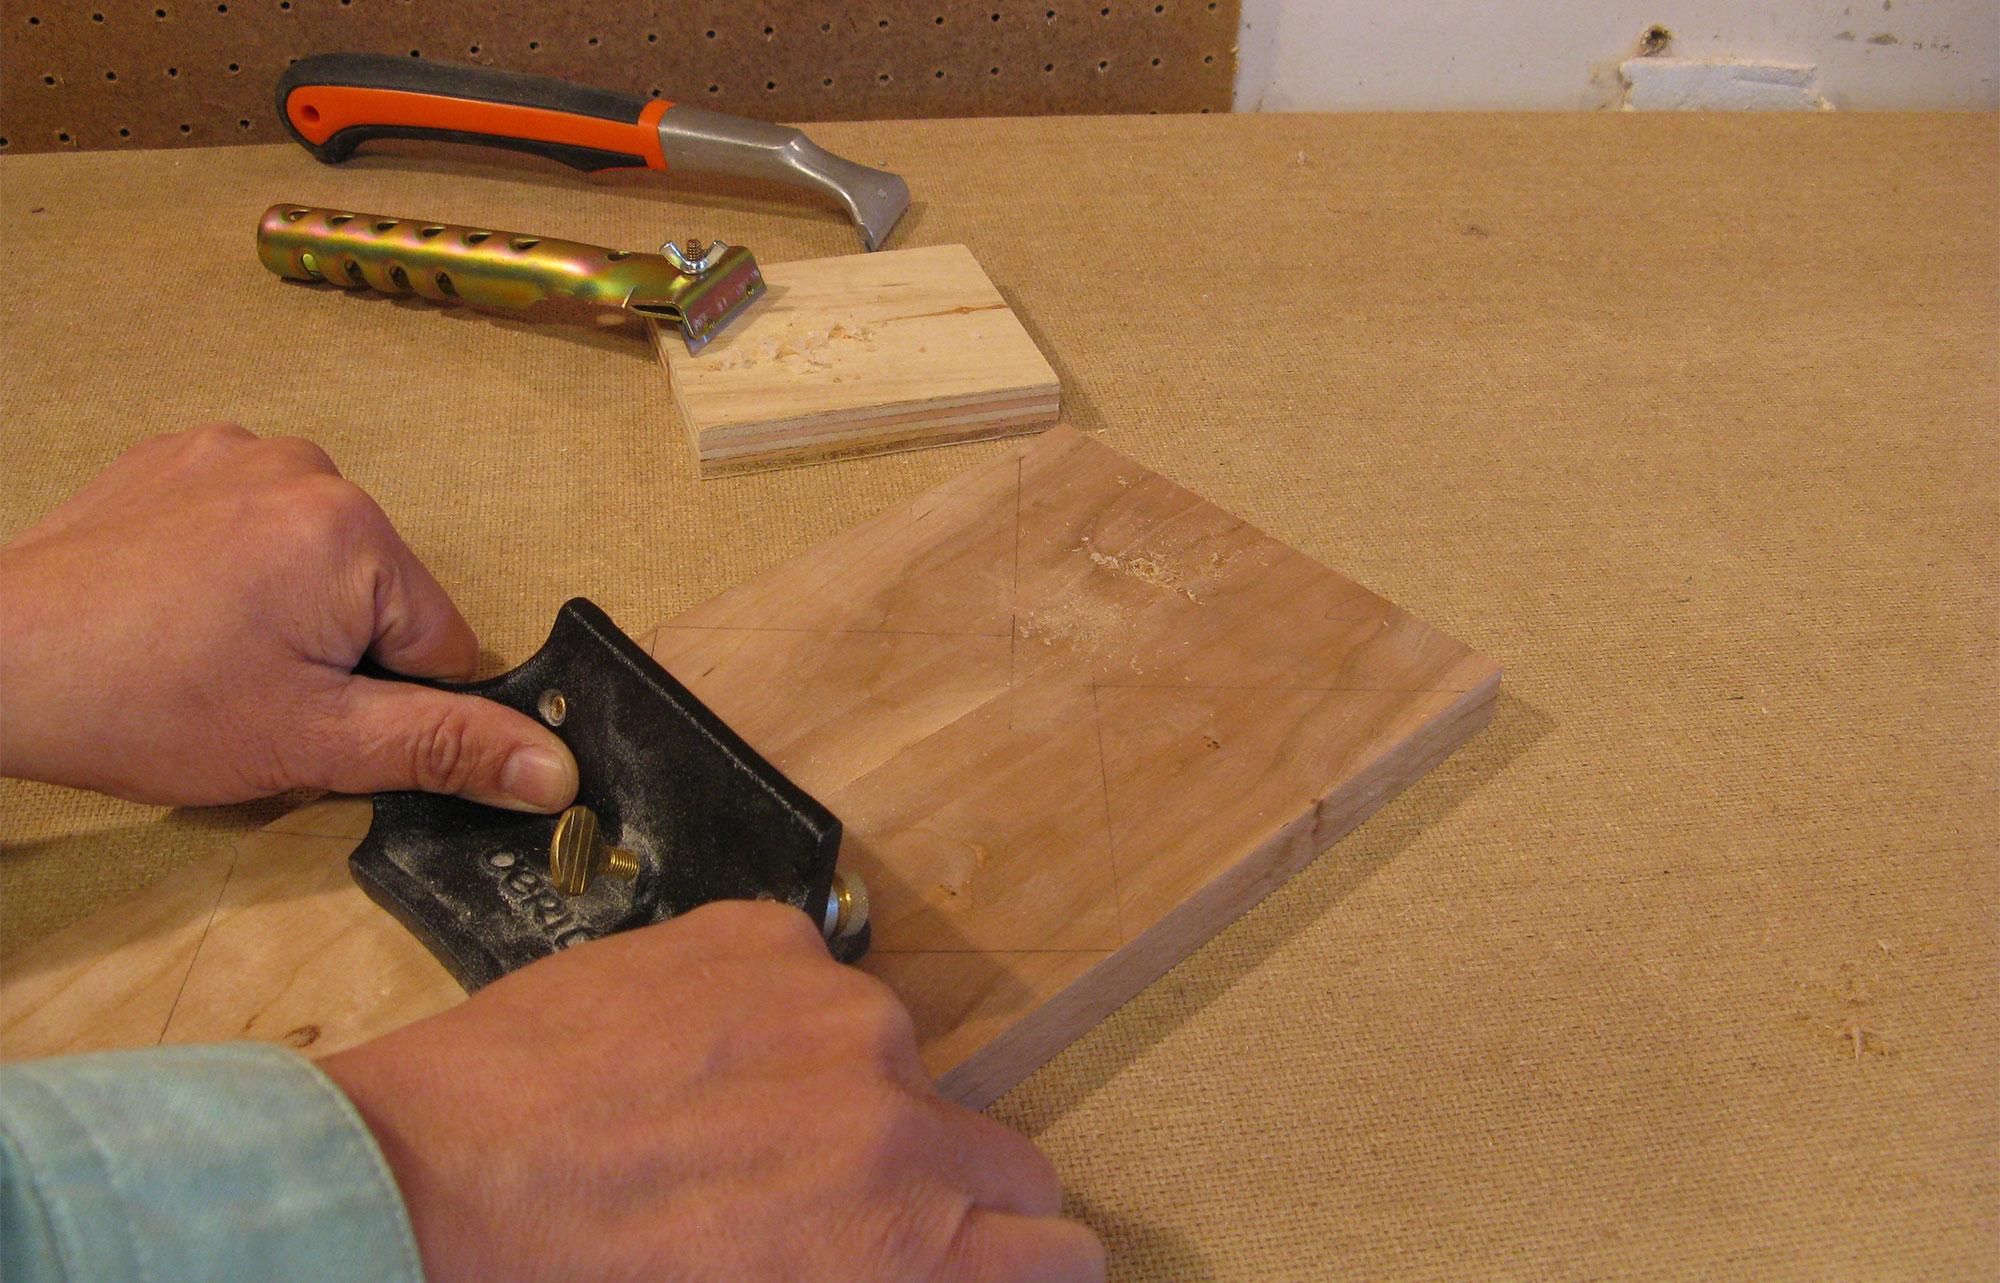 Scraping off glue squeeze-out using a cabinet scraper.